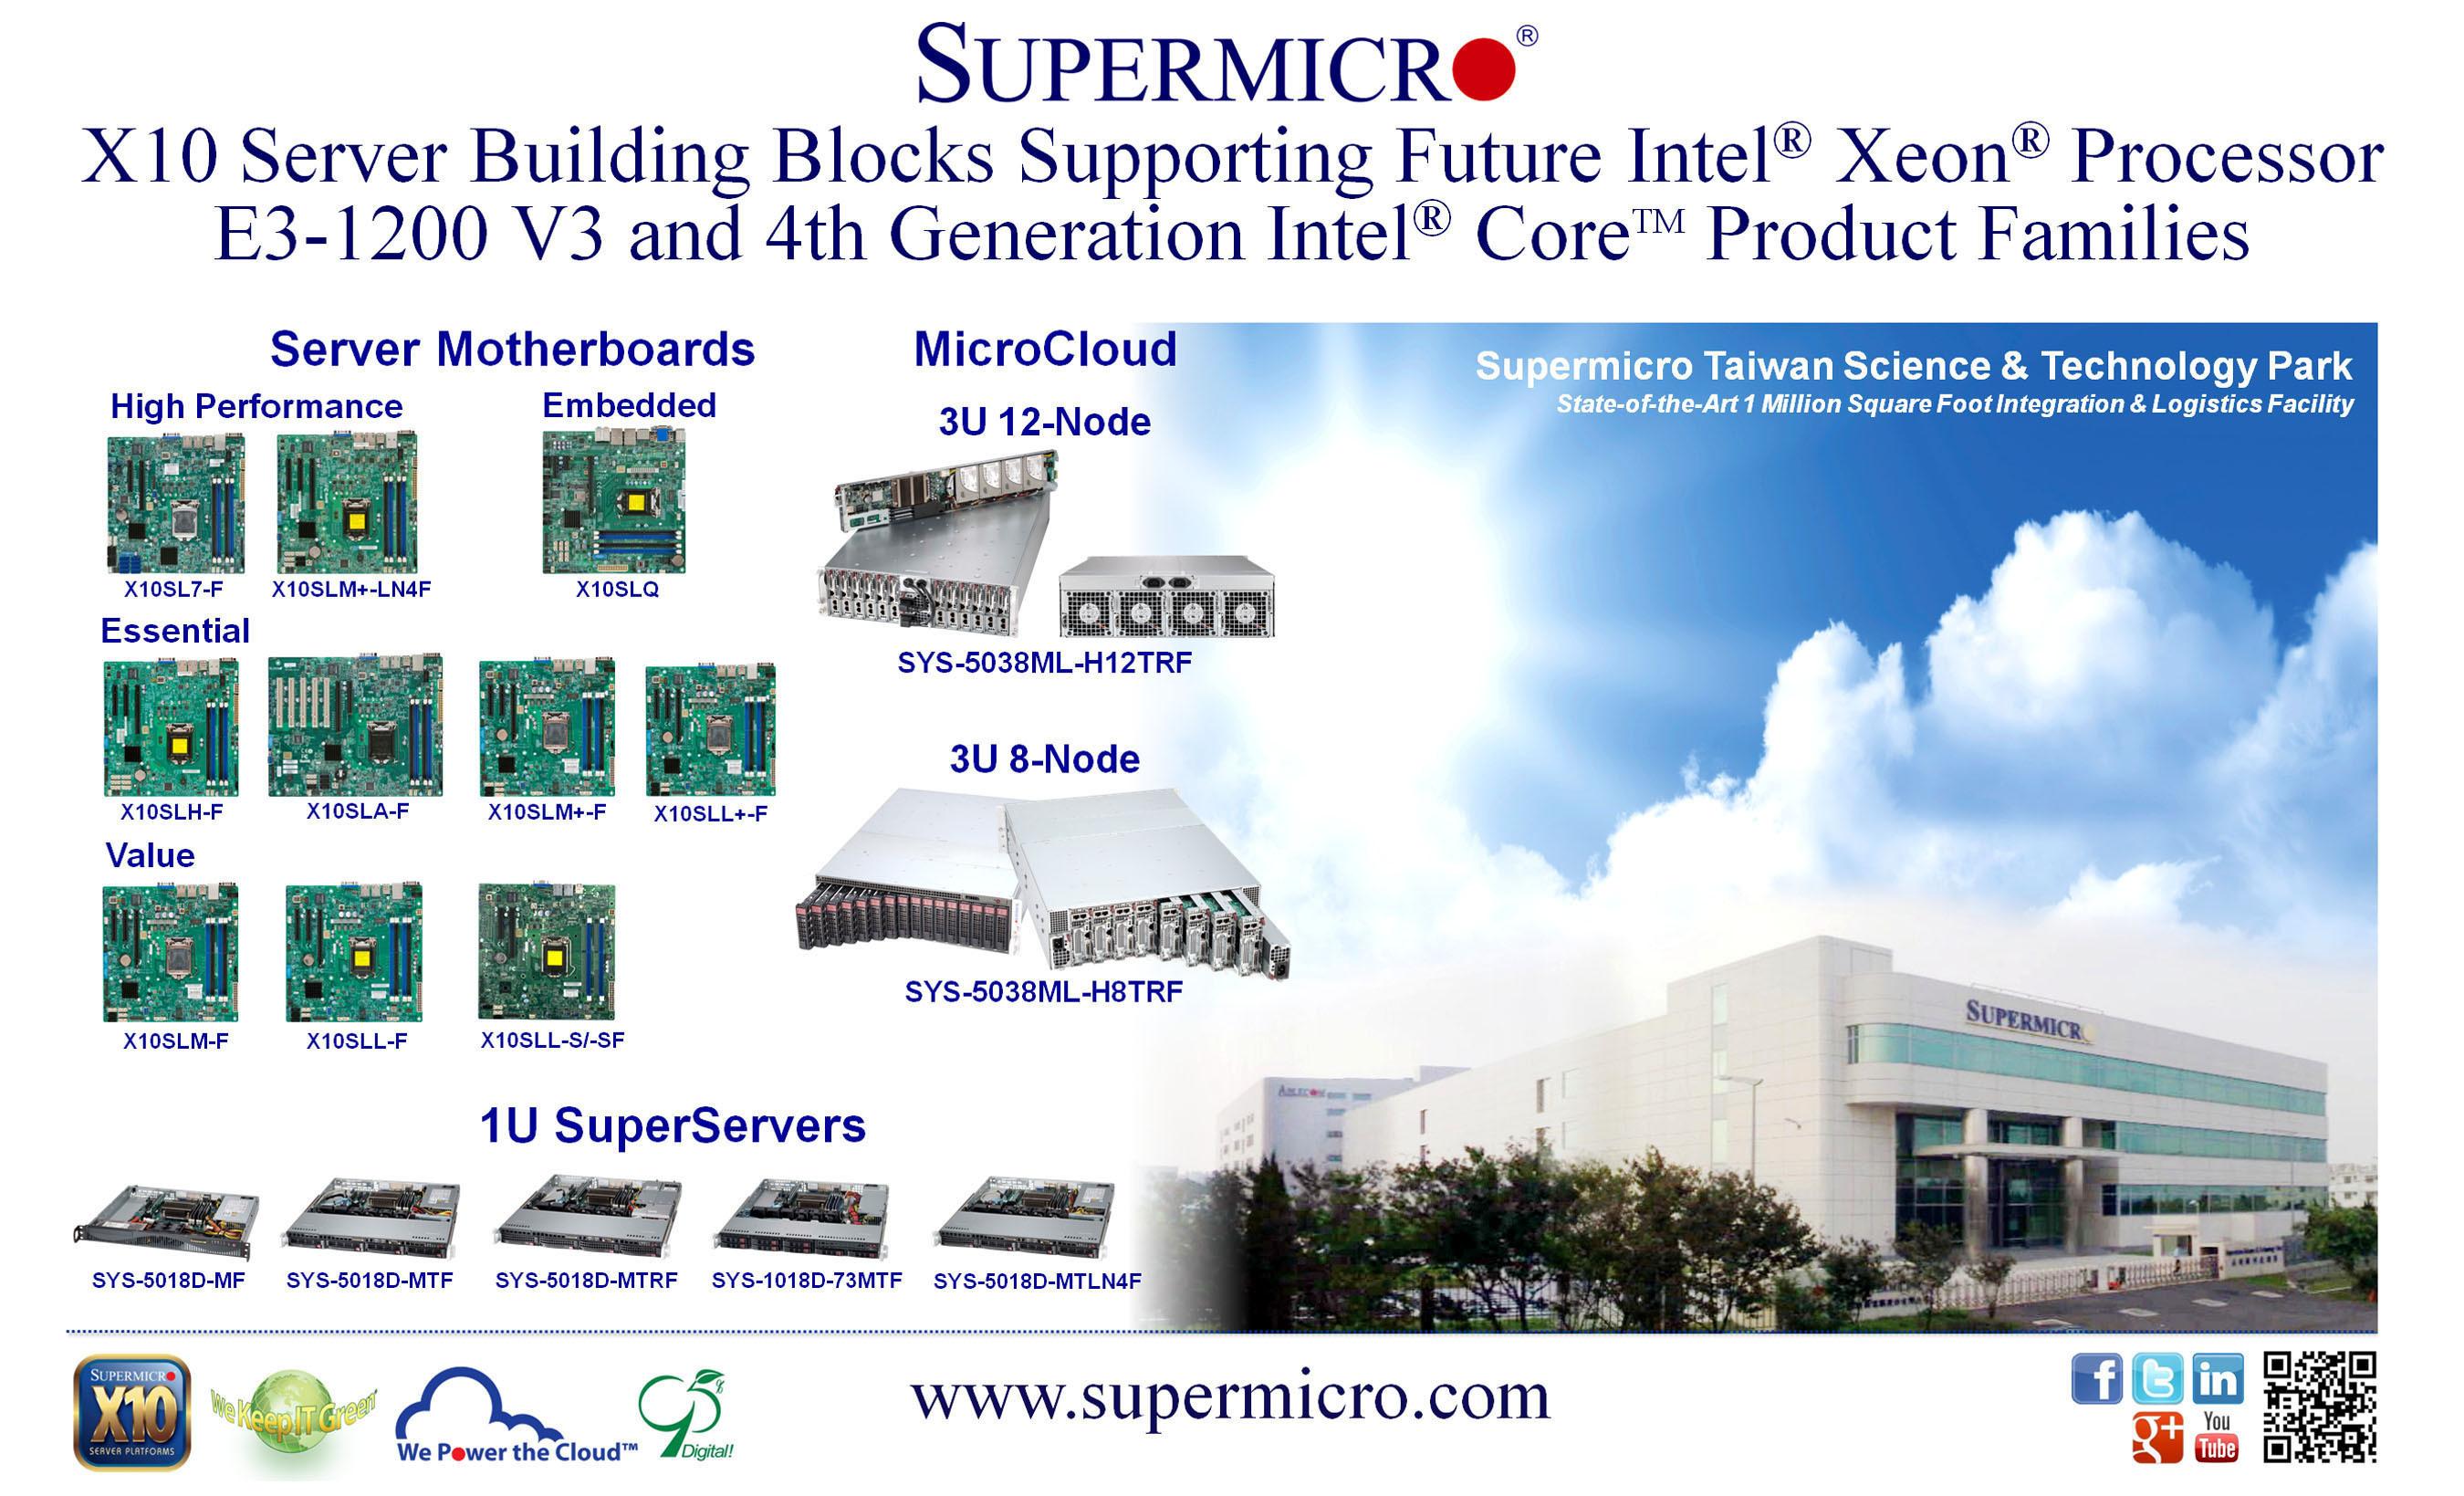 Supermicro® annuncia le soluzioni Server Building Block X10 a supporto dei processori Intel®